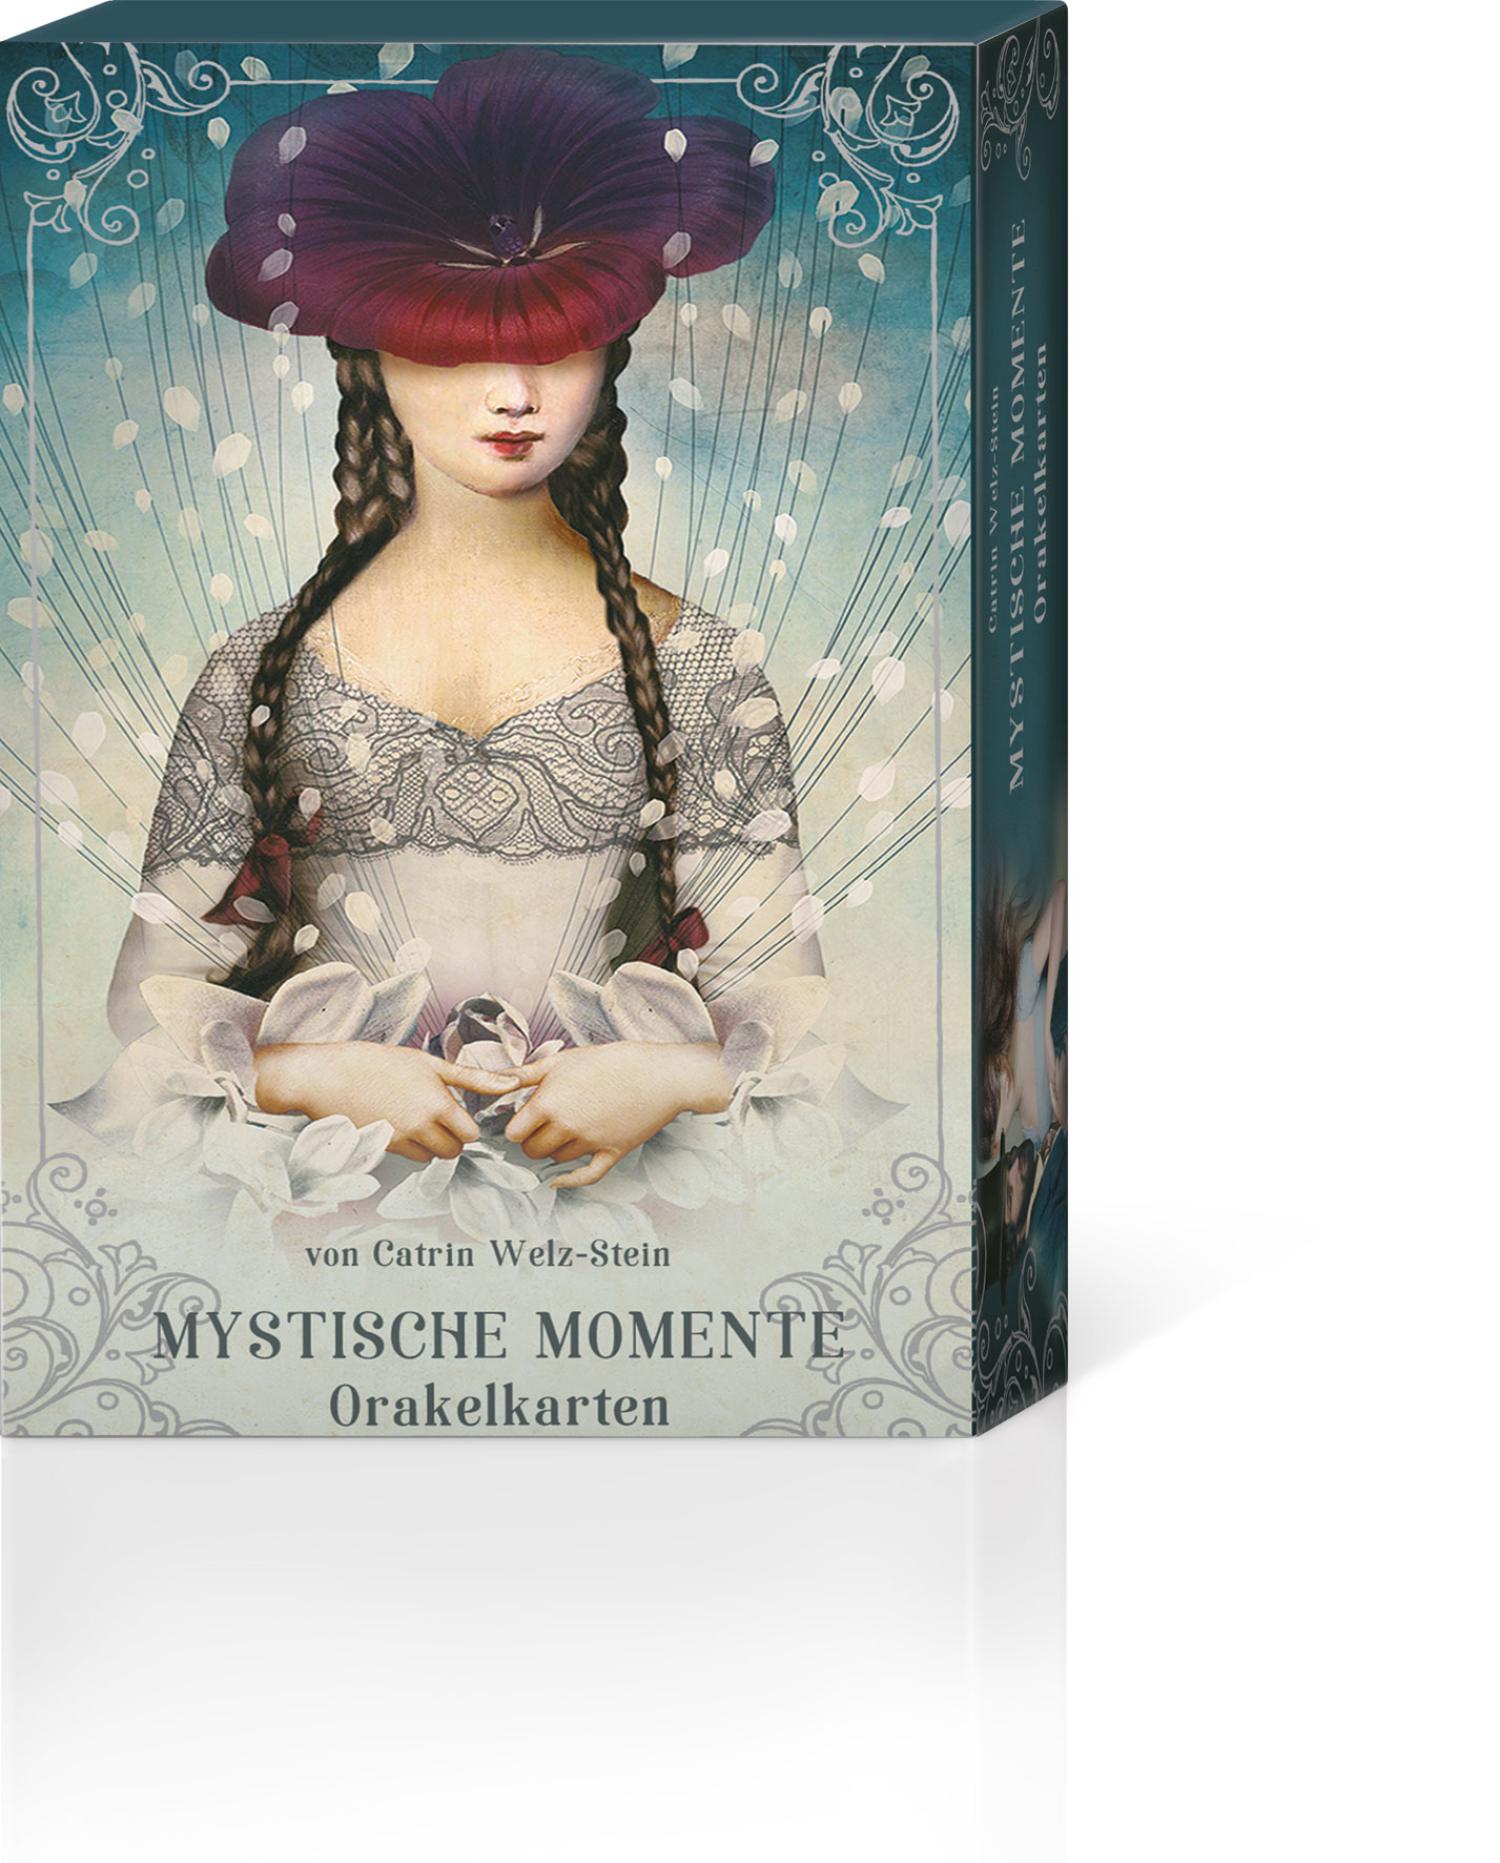 Mystische Momente (Kartenset), Produktbild 1